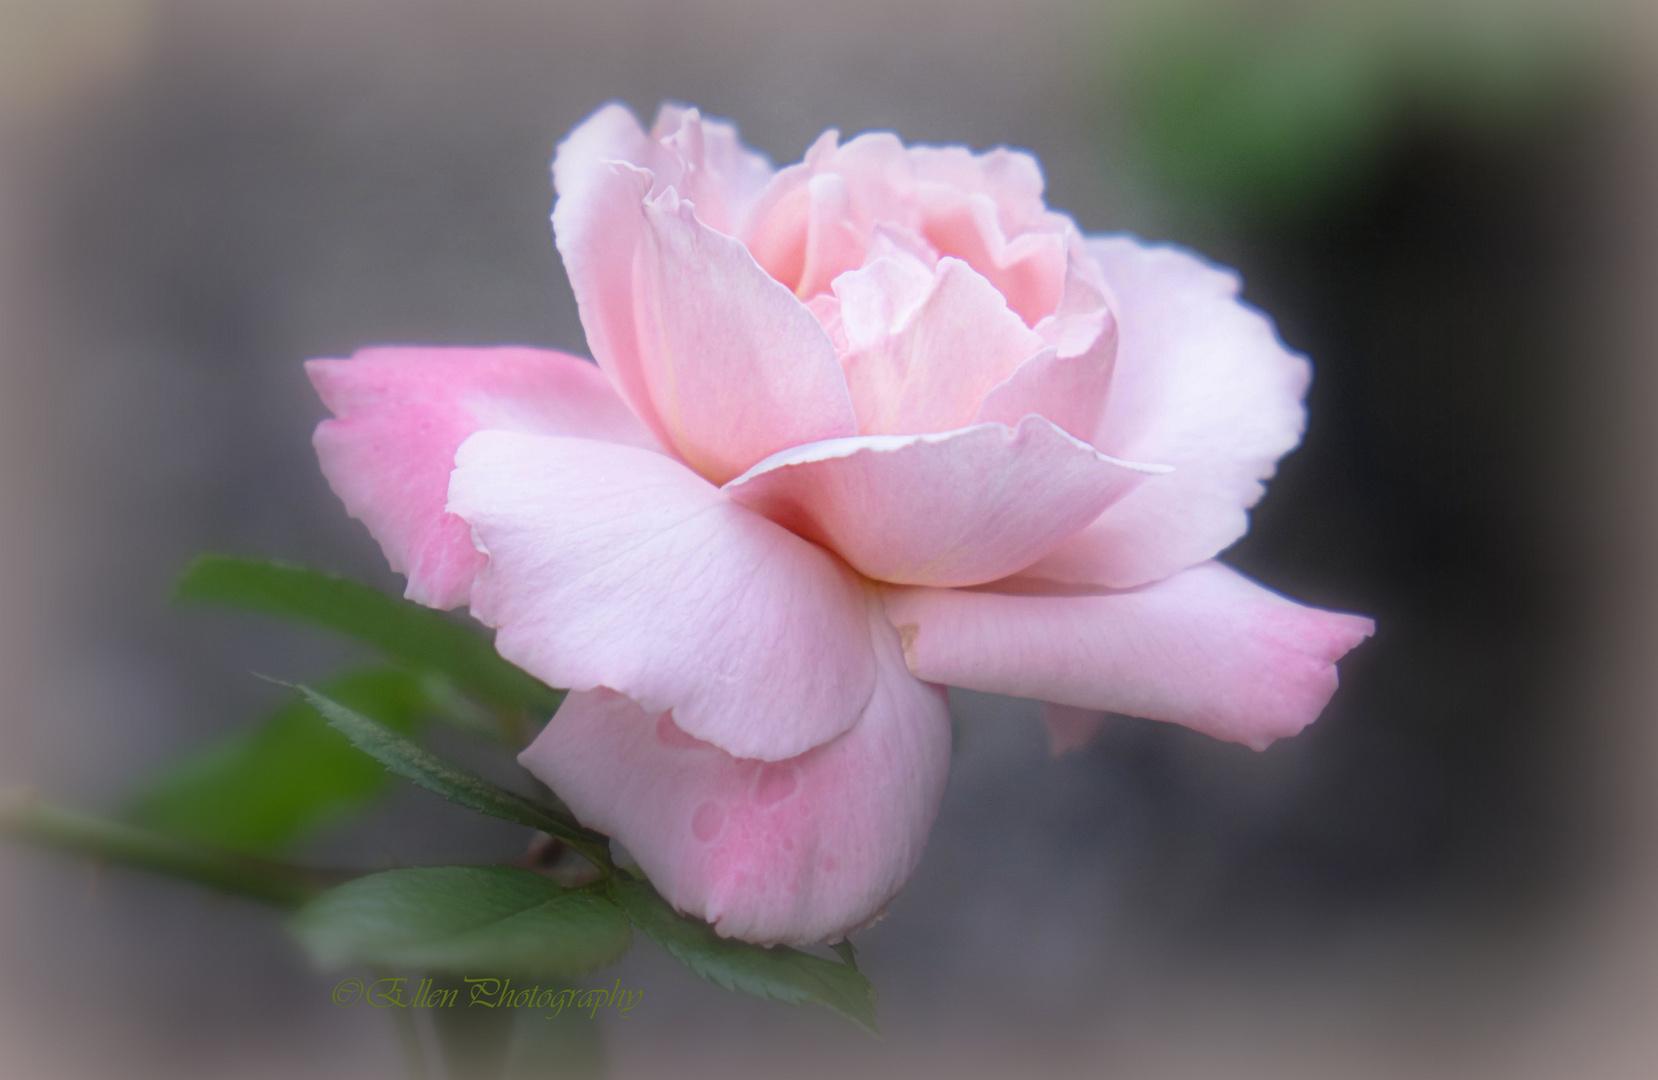 one of my beloved roses II